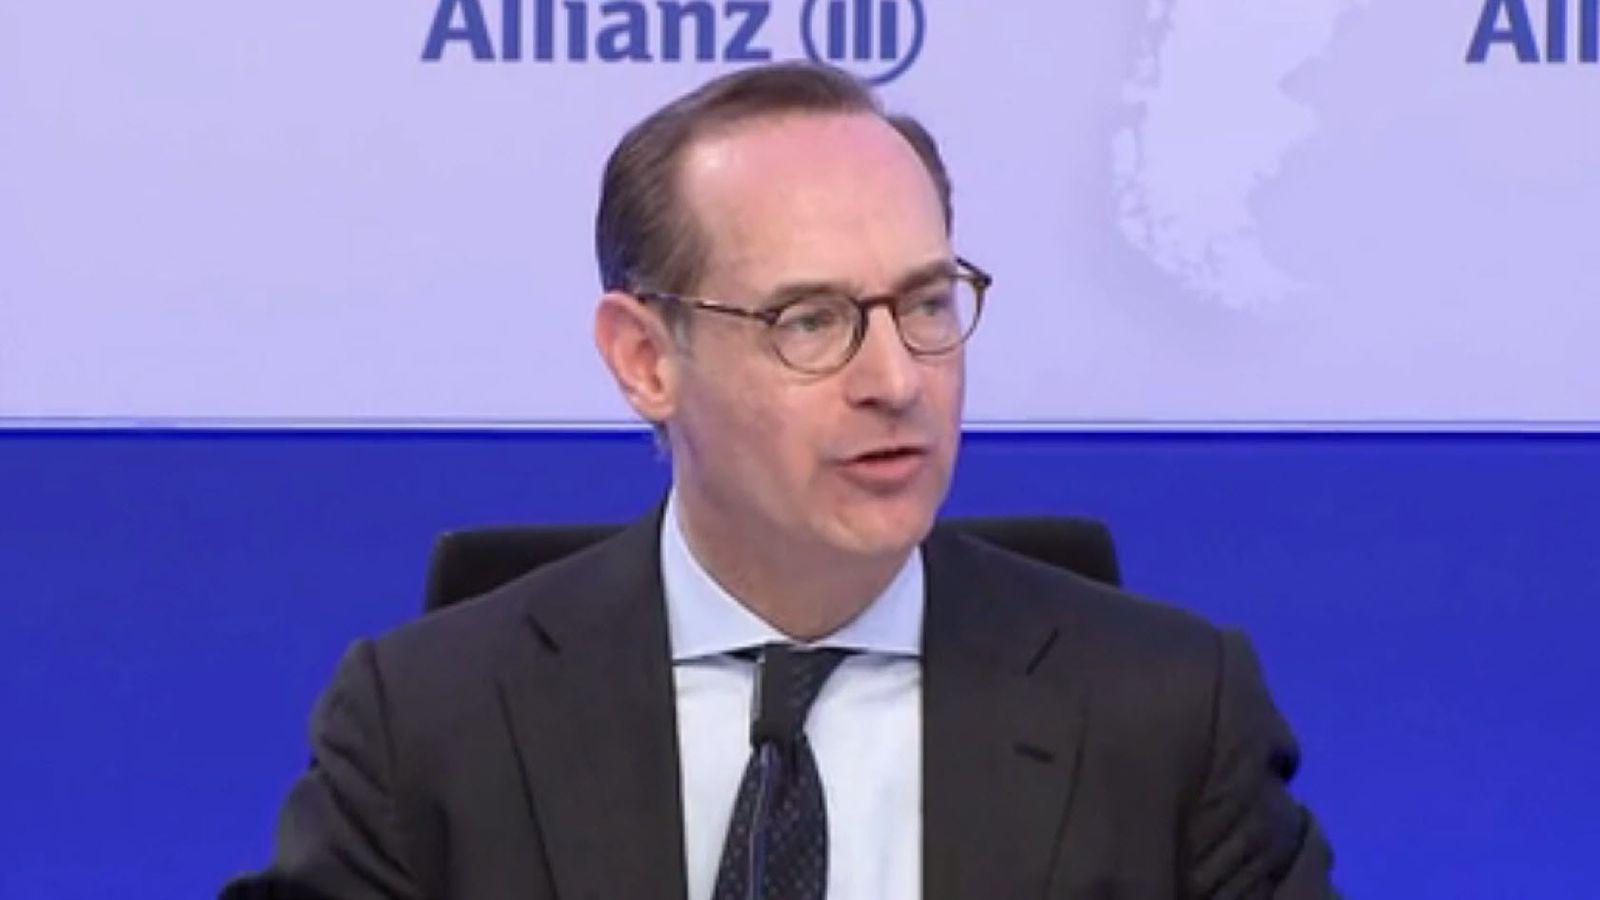 Oliver Bäte, Allianz